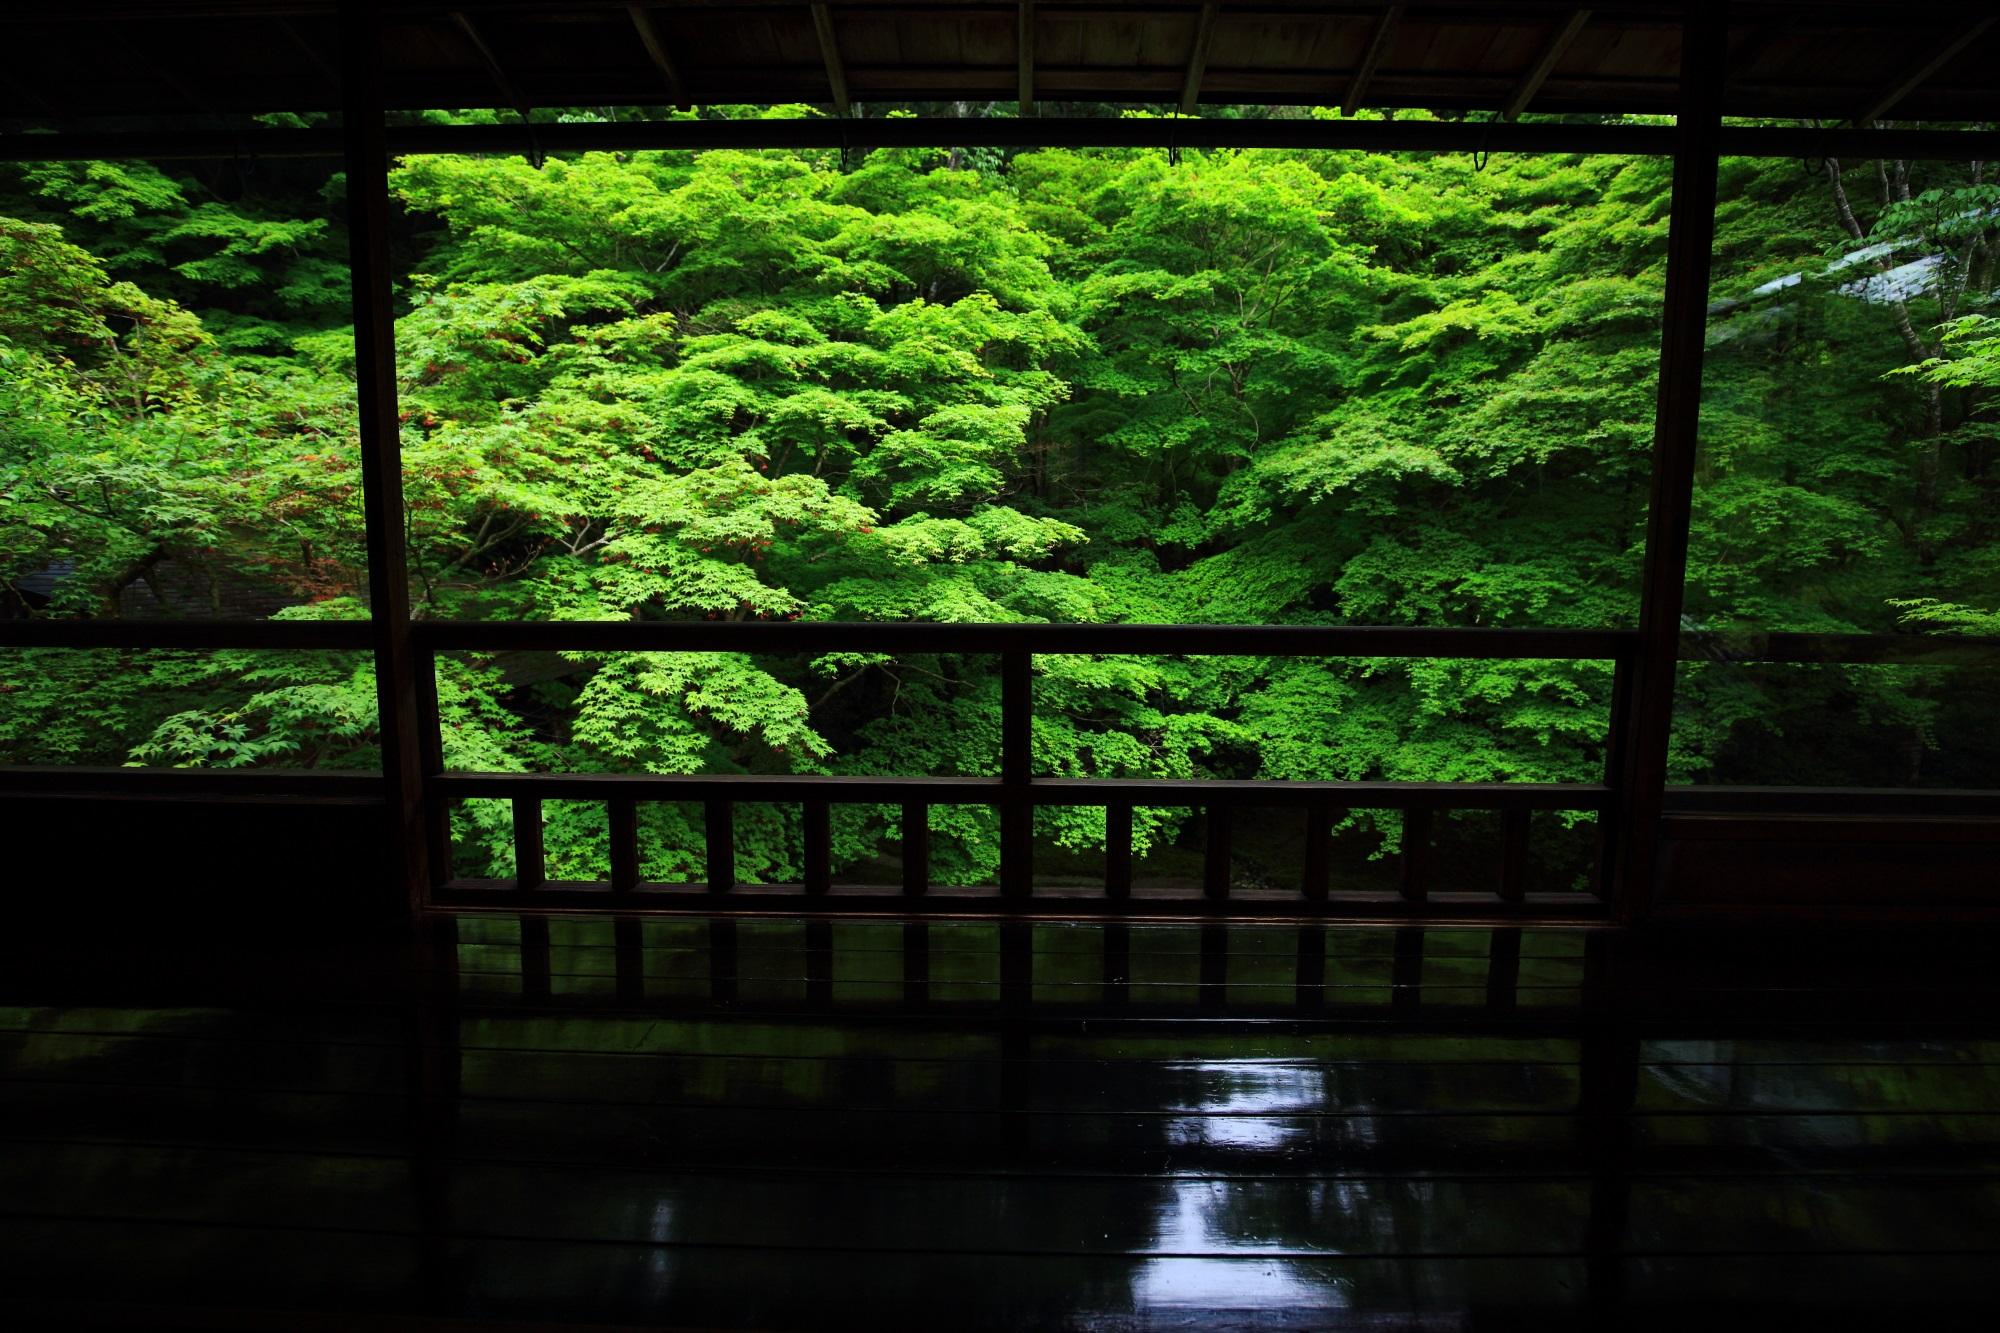 瑠璃光院の書院二階から眺めた深い緑の瑠璃の庭